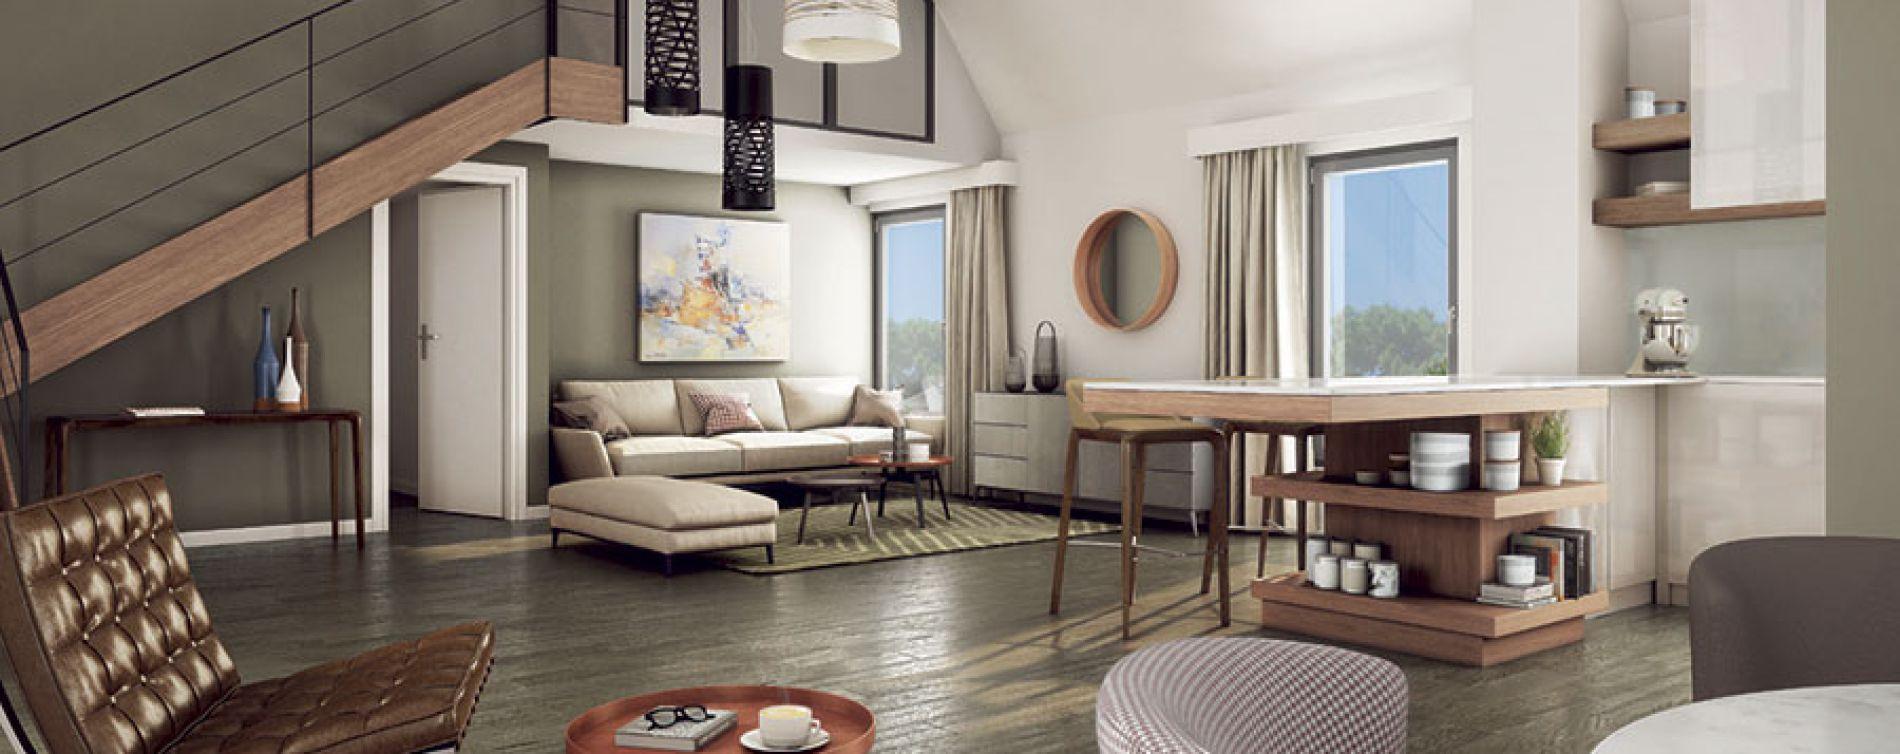 La Baule-Escoublac : programme immobilier neuve « Villas Sophia » (4)